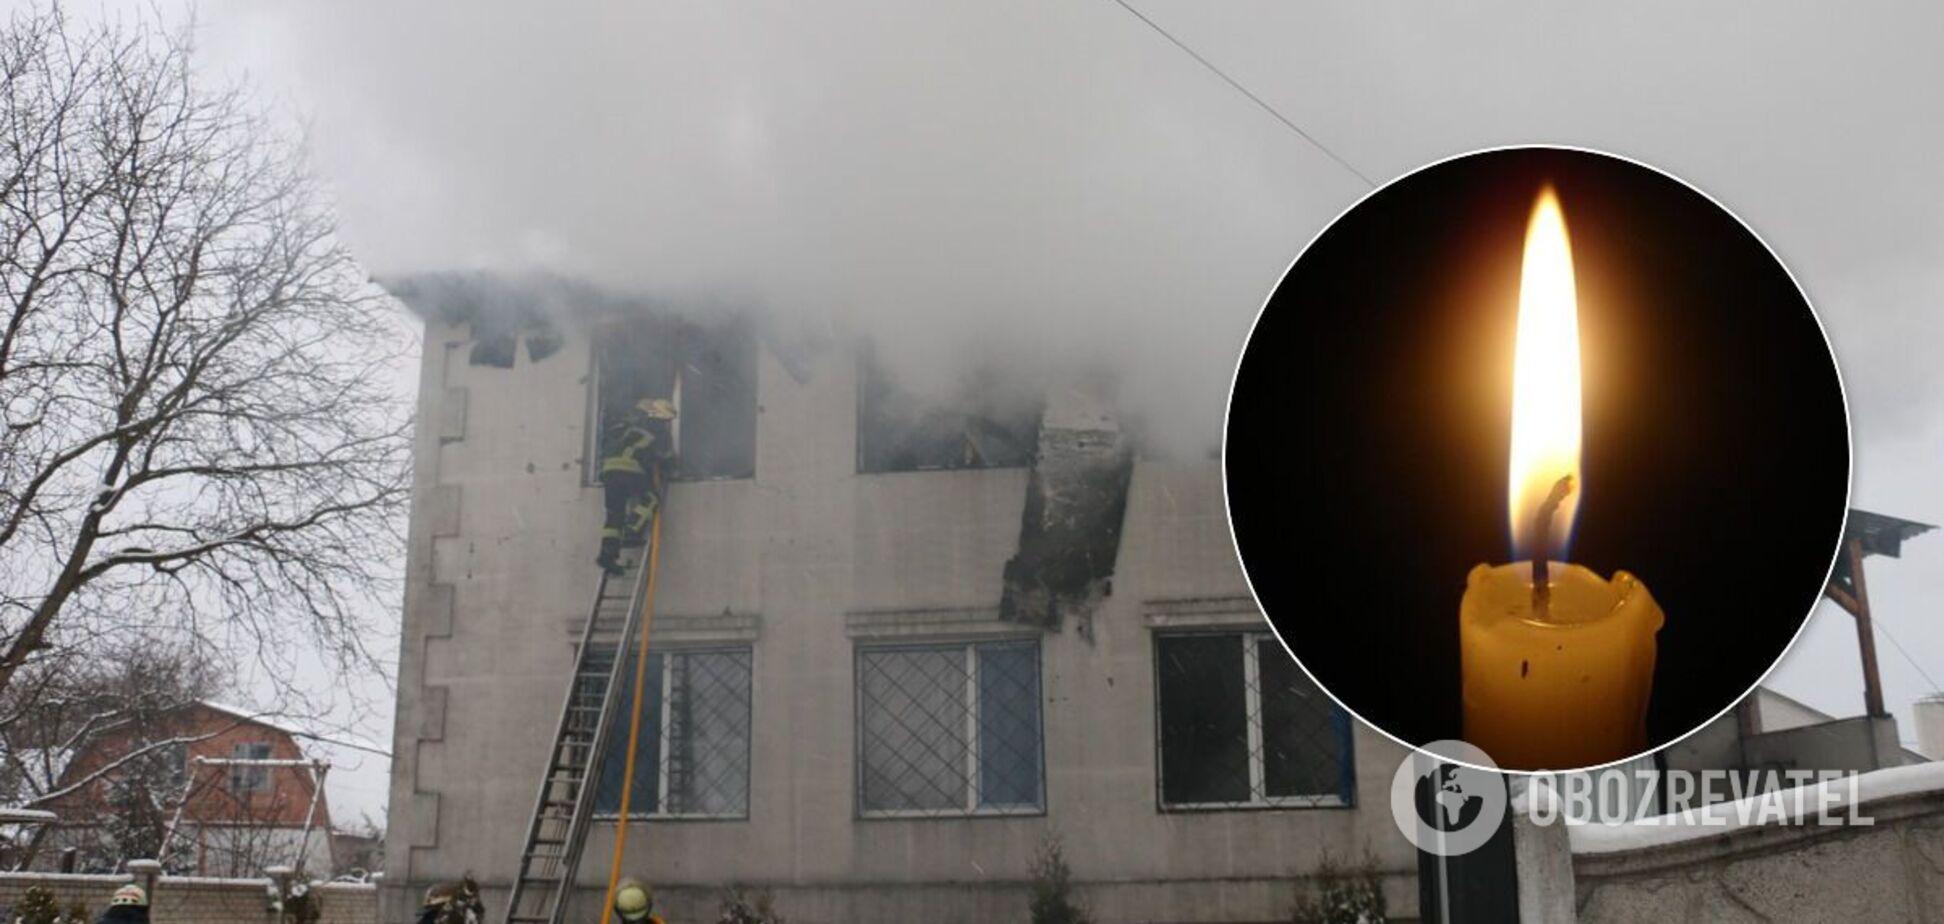 Зеленський указом оголосив 23 січня всеукраїнську жалобу через трагедію в Харкові